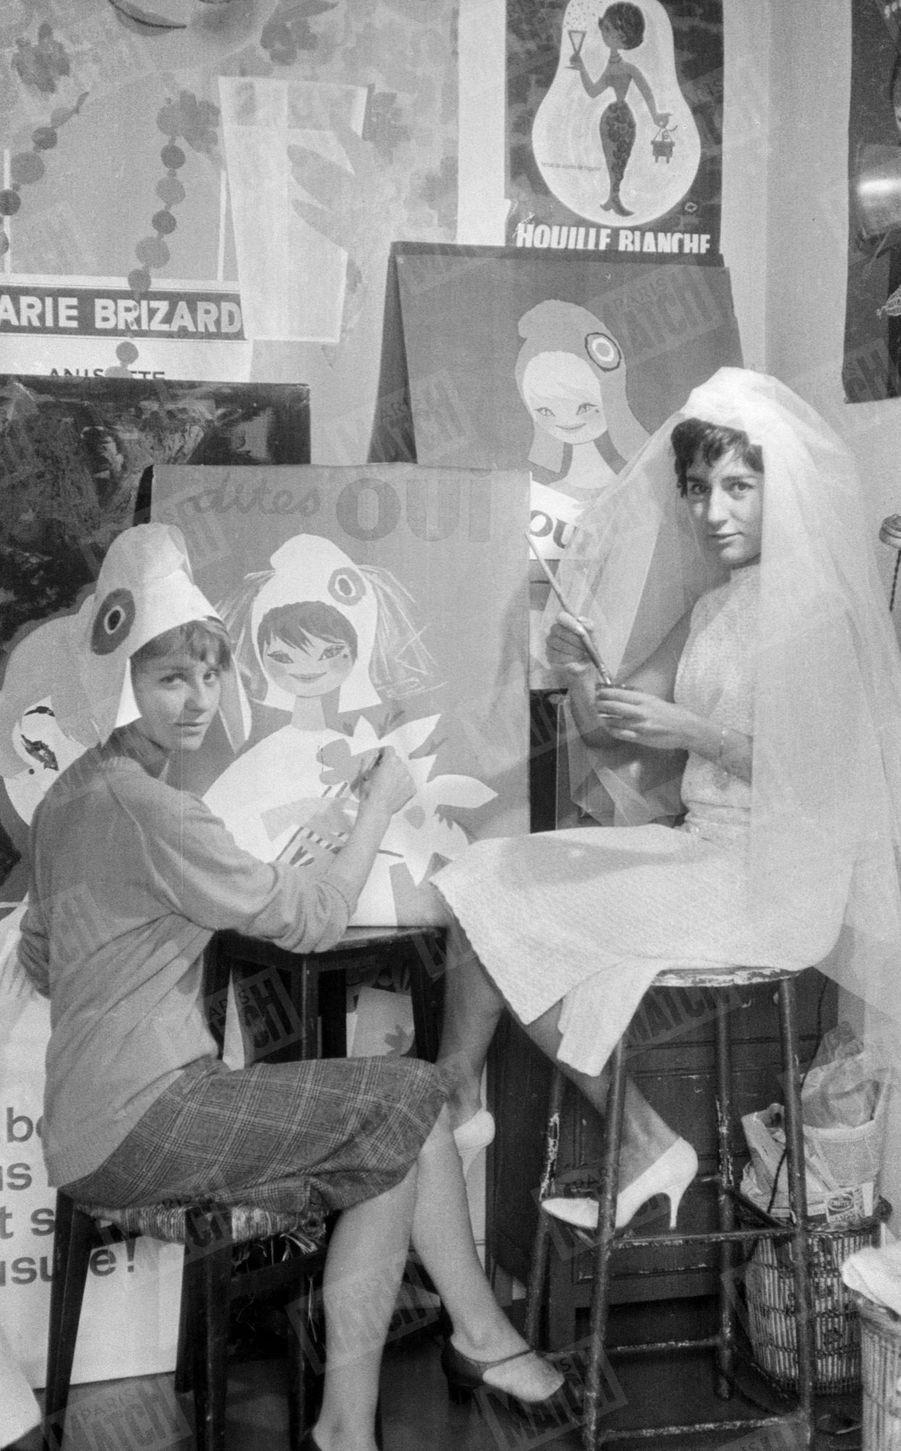 Déguisées en Marianne, les affichistes Marie-Francine Openo (à g.) et Marie-Claire Lefor mènent campagne pour le Oui au référendum sur la constitution de la Vème République, en se prenant mutuellement pour modèle, le 10 septembre 1958.